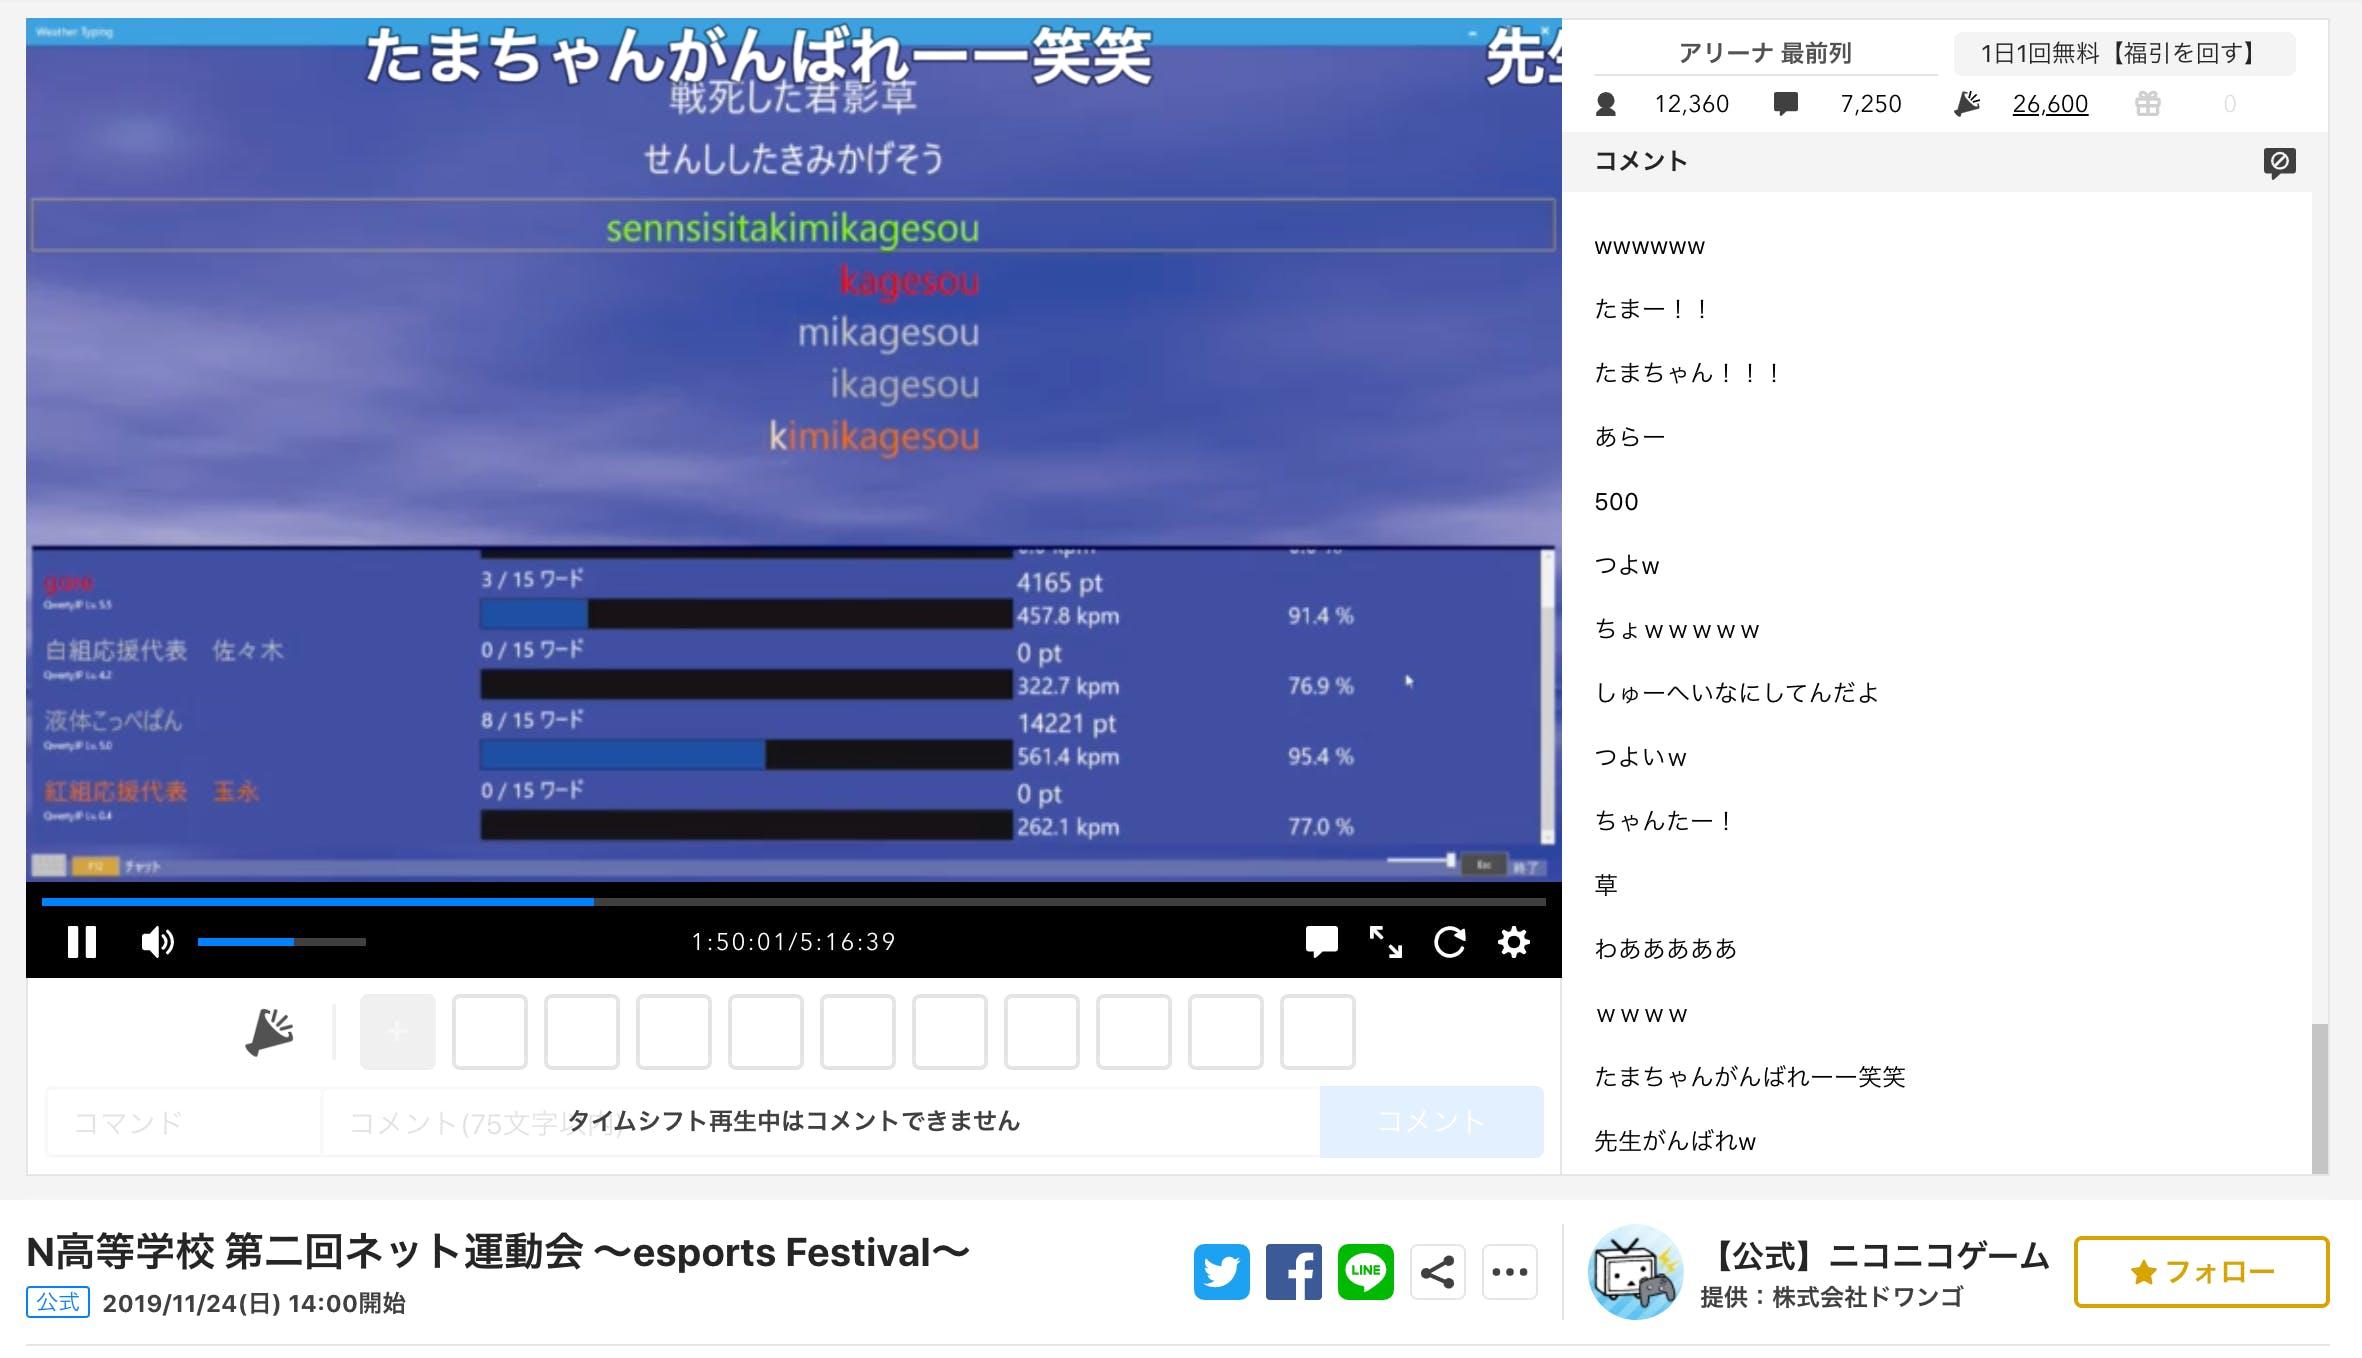 スクリーンショット 2019-11-27 2.55.08.png